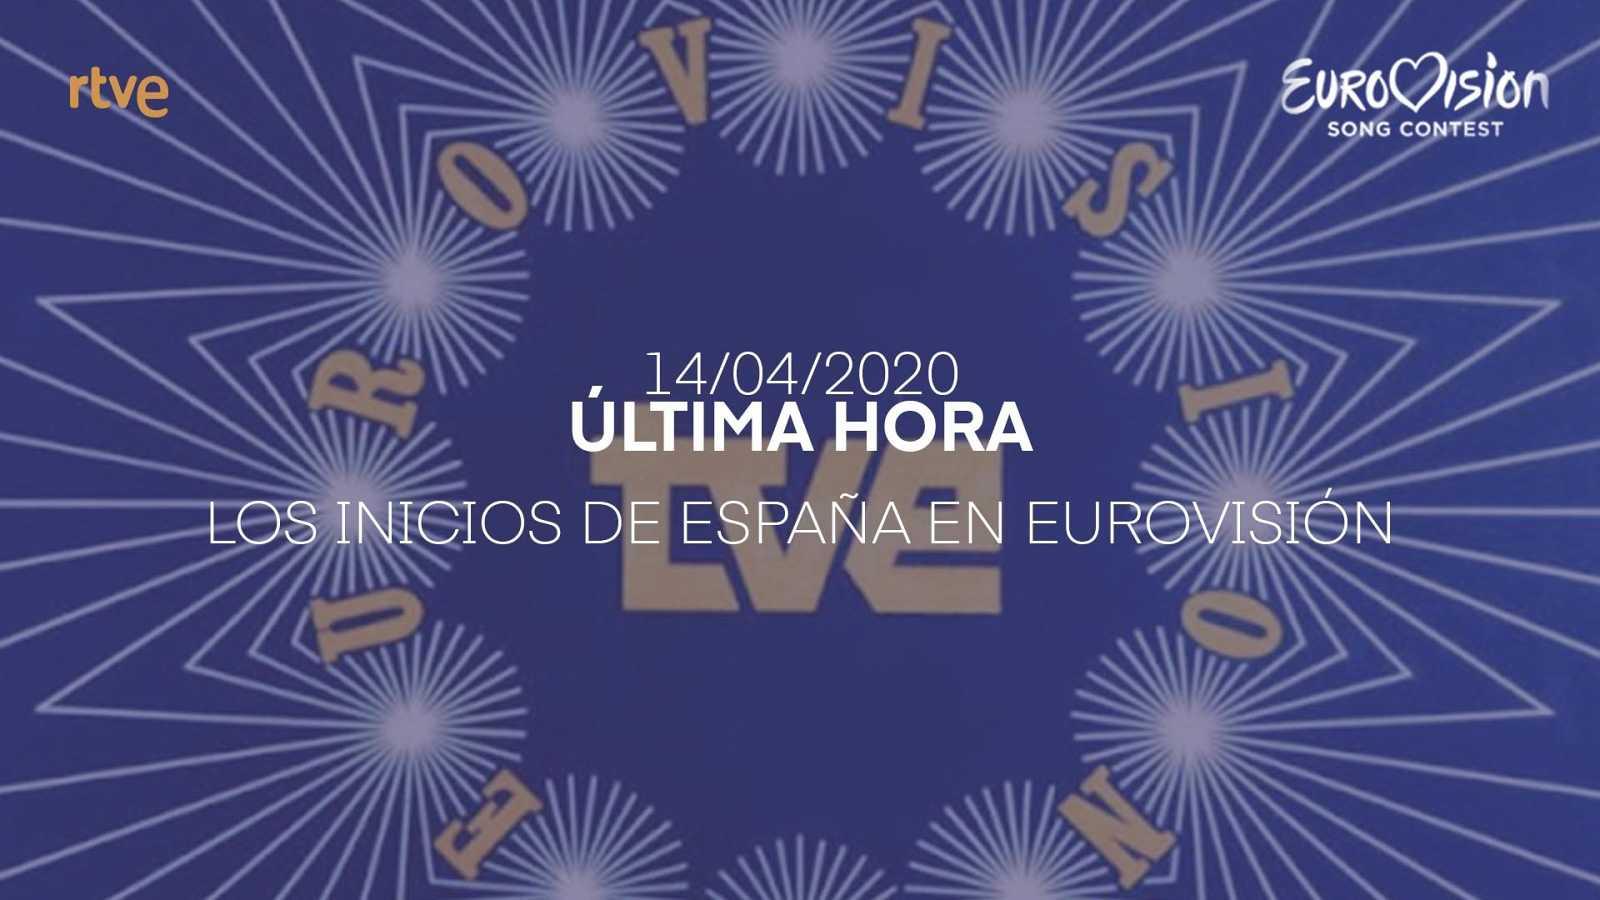 Los inicios de España en Eurovisión - Última Hora